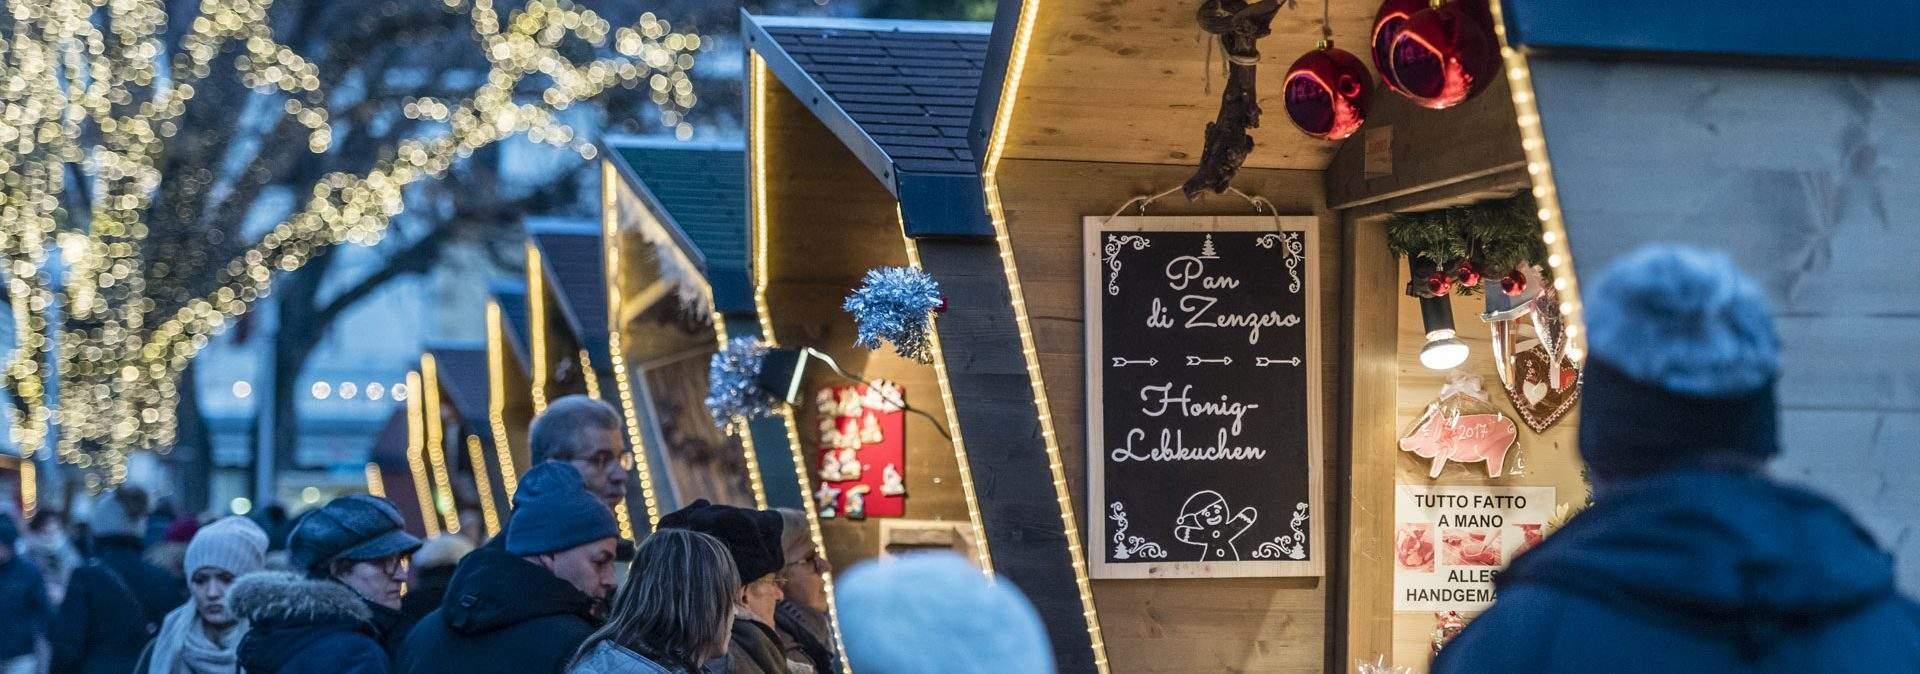 Meran: Weihnachtsmarkt